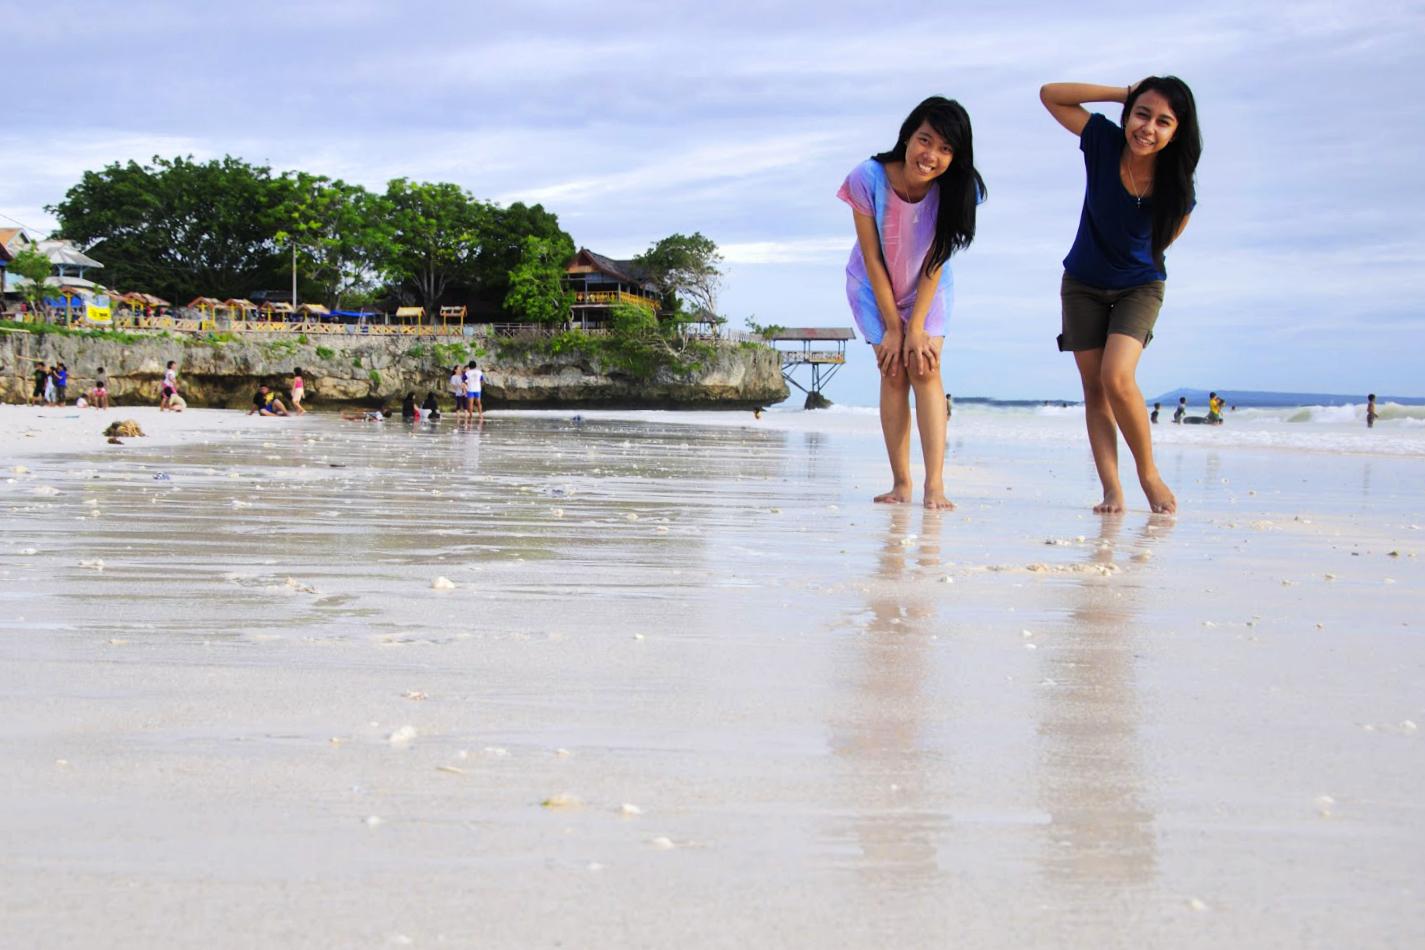 Cewek Manis Tashya Uneputty di Pantai Pasir Putih Tanjung Bira, Bulukumba cewek cantik manis di pantai tanjung bira liburan dk e bira harga